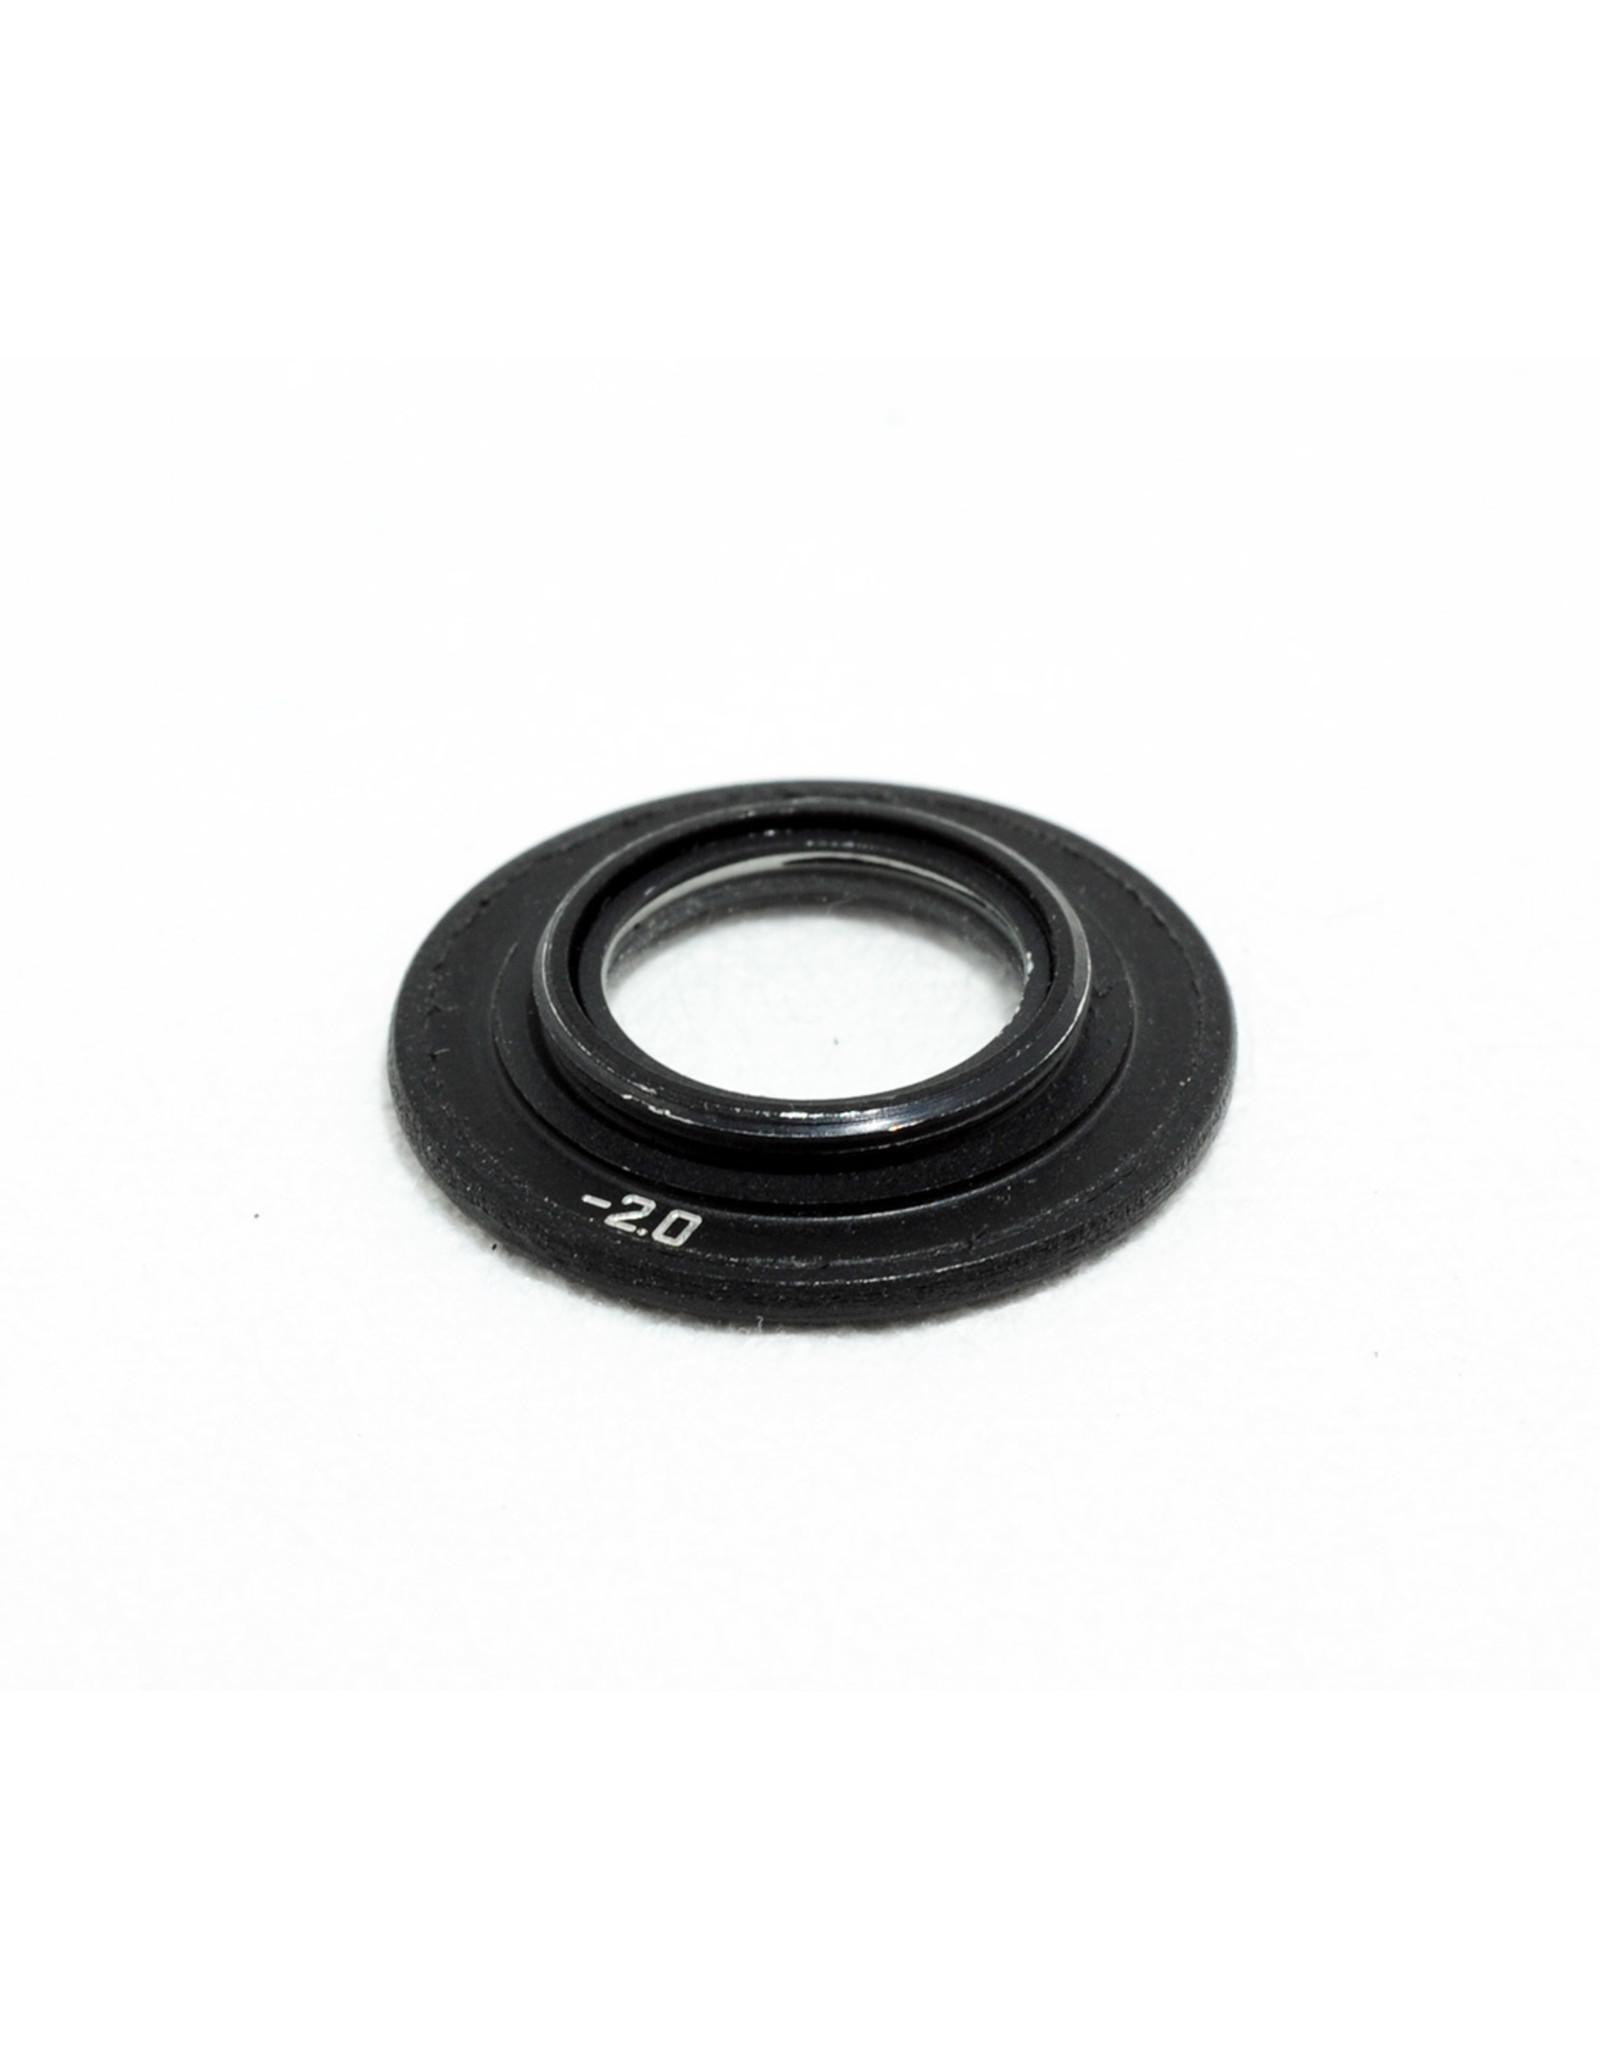 Leica Leica Diopter Eyepiece -2